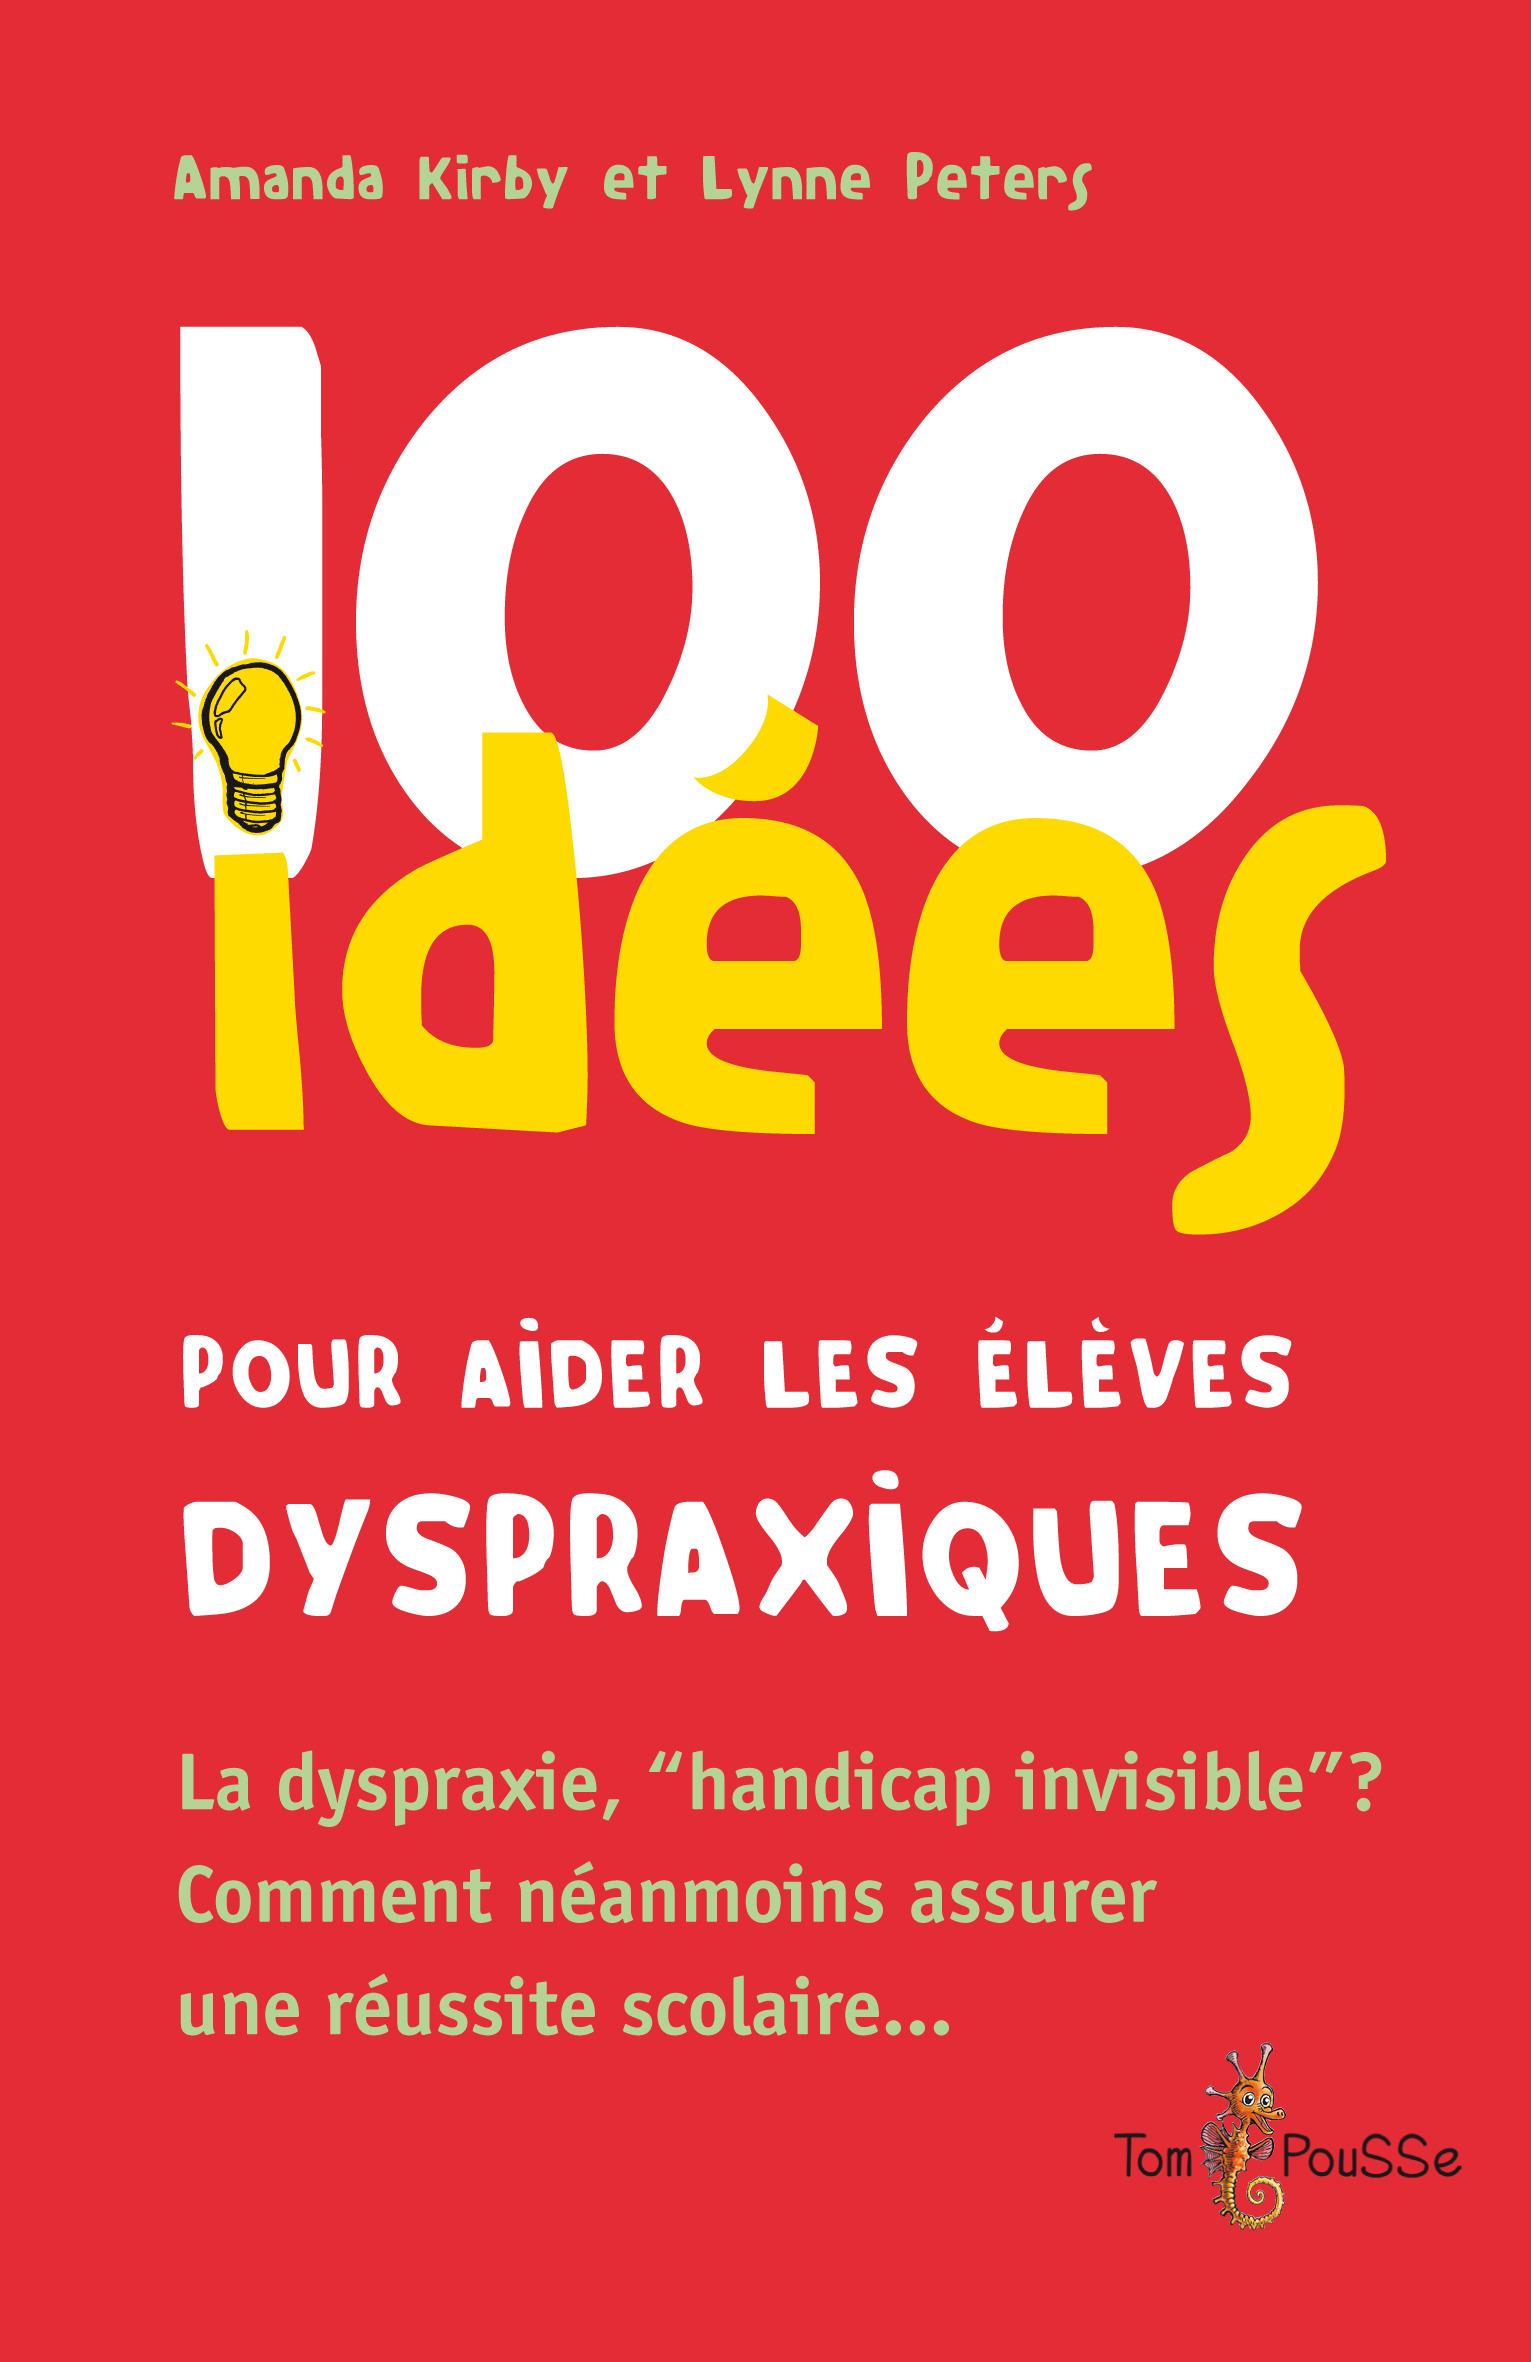 Amanda Kirby 100 idées pour aider les élèves dyspraxiques